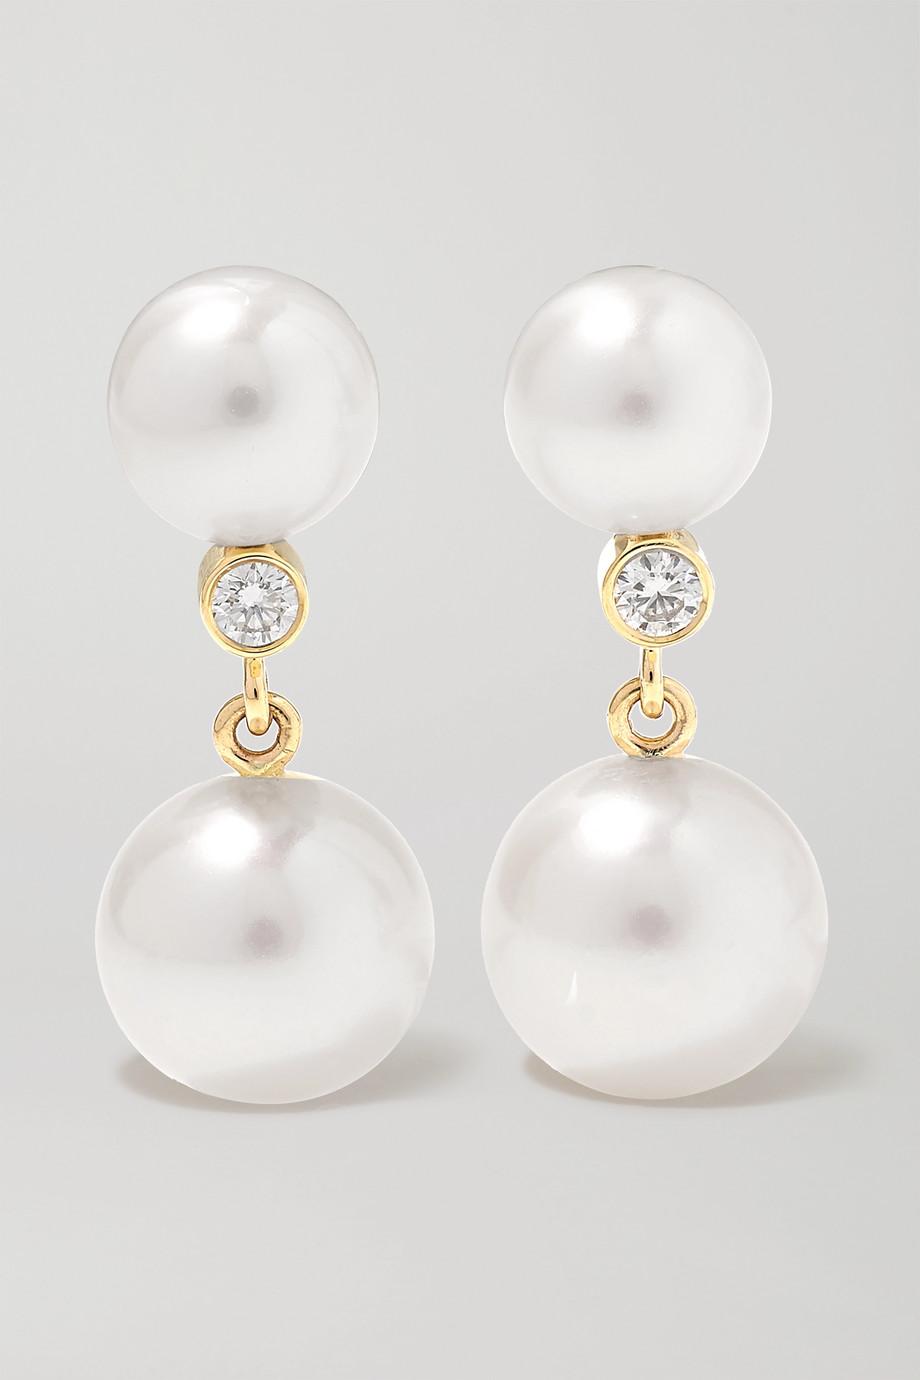 Sophie Bille Brahe Boucles d'oreilles en or 14 carats, perles et diamants Giudecca Diamant